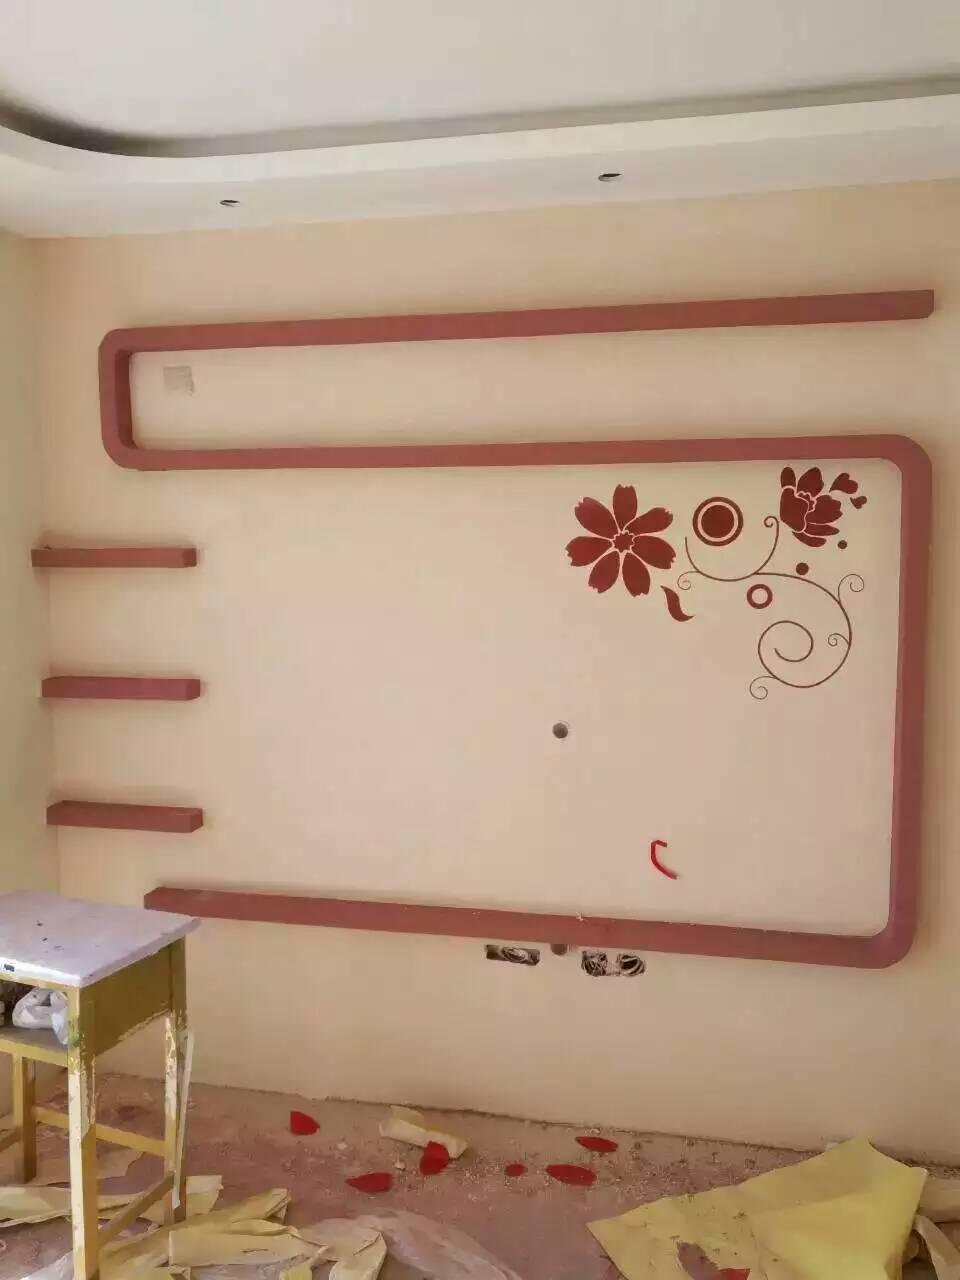 墙纸墙布硅藻泥壁画软包◎艺术涂料手工壁纸